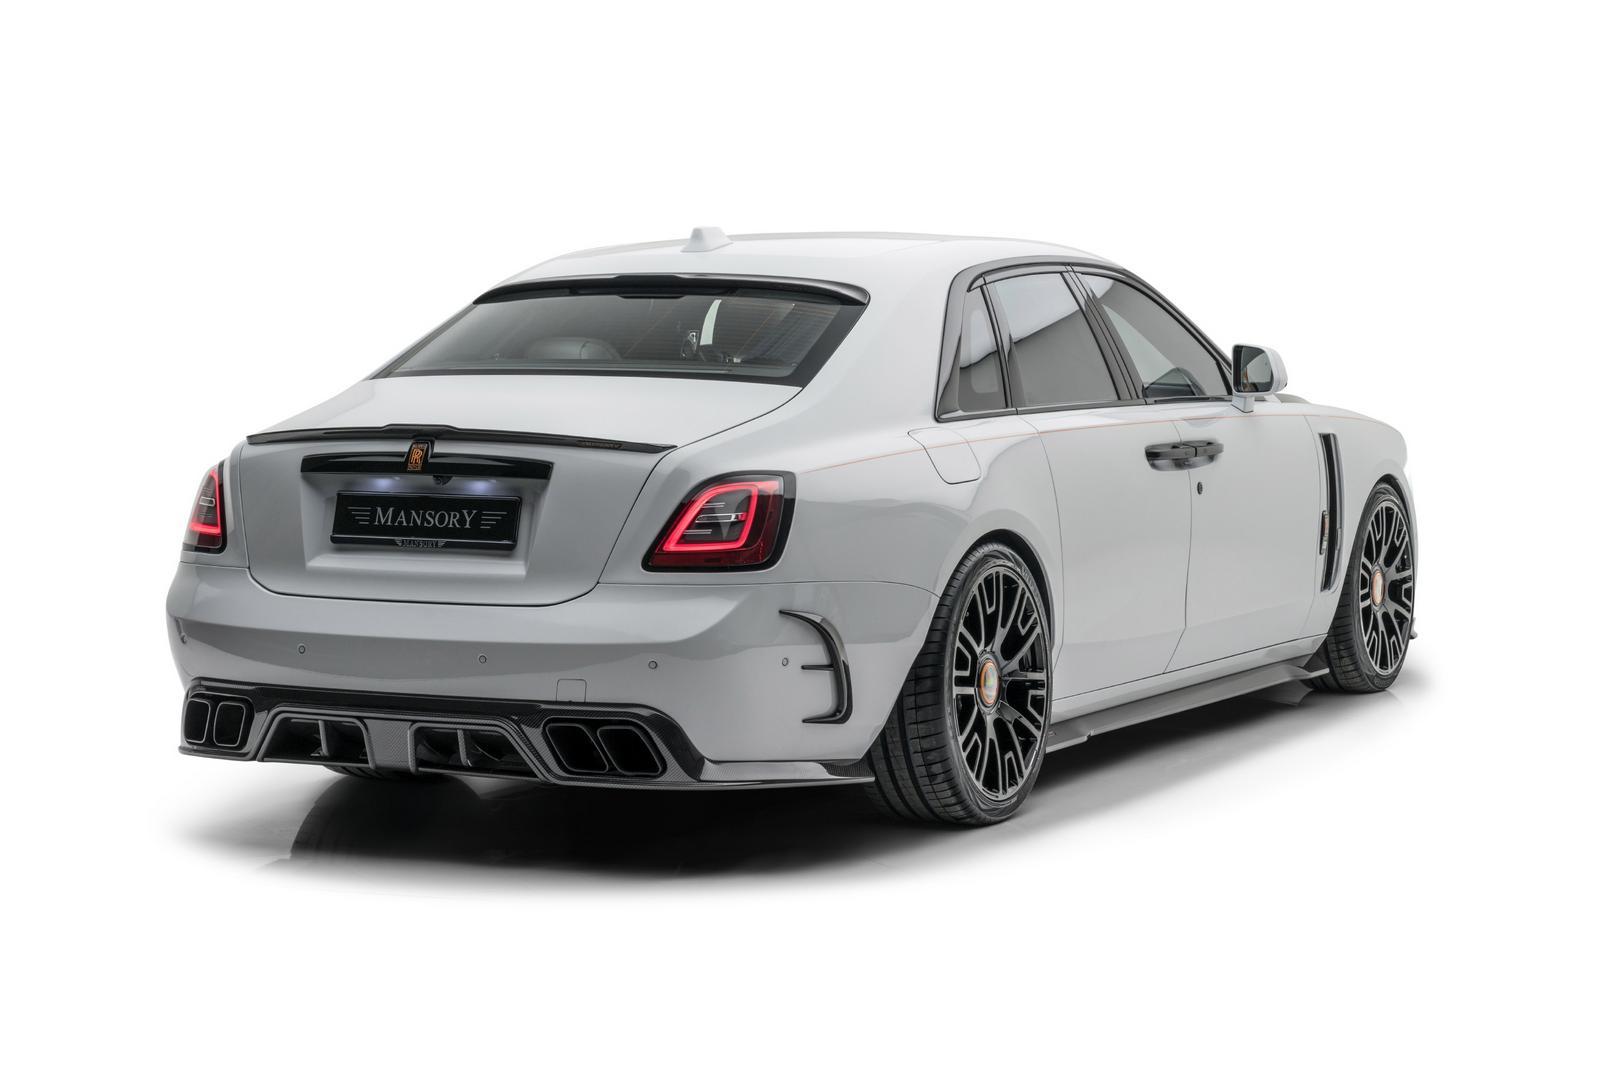 Mansory RR Ghost rear